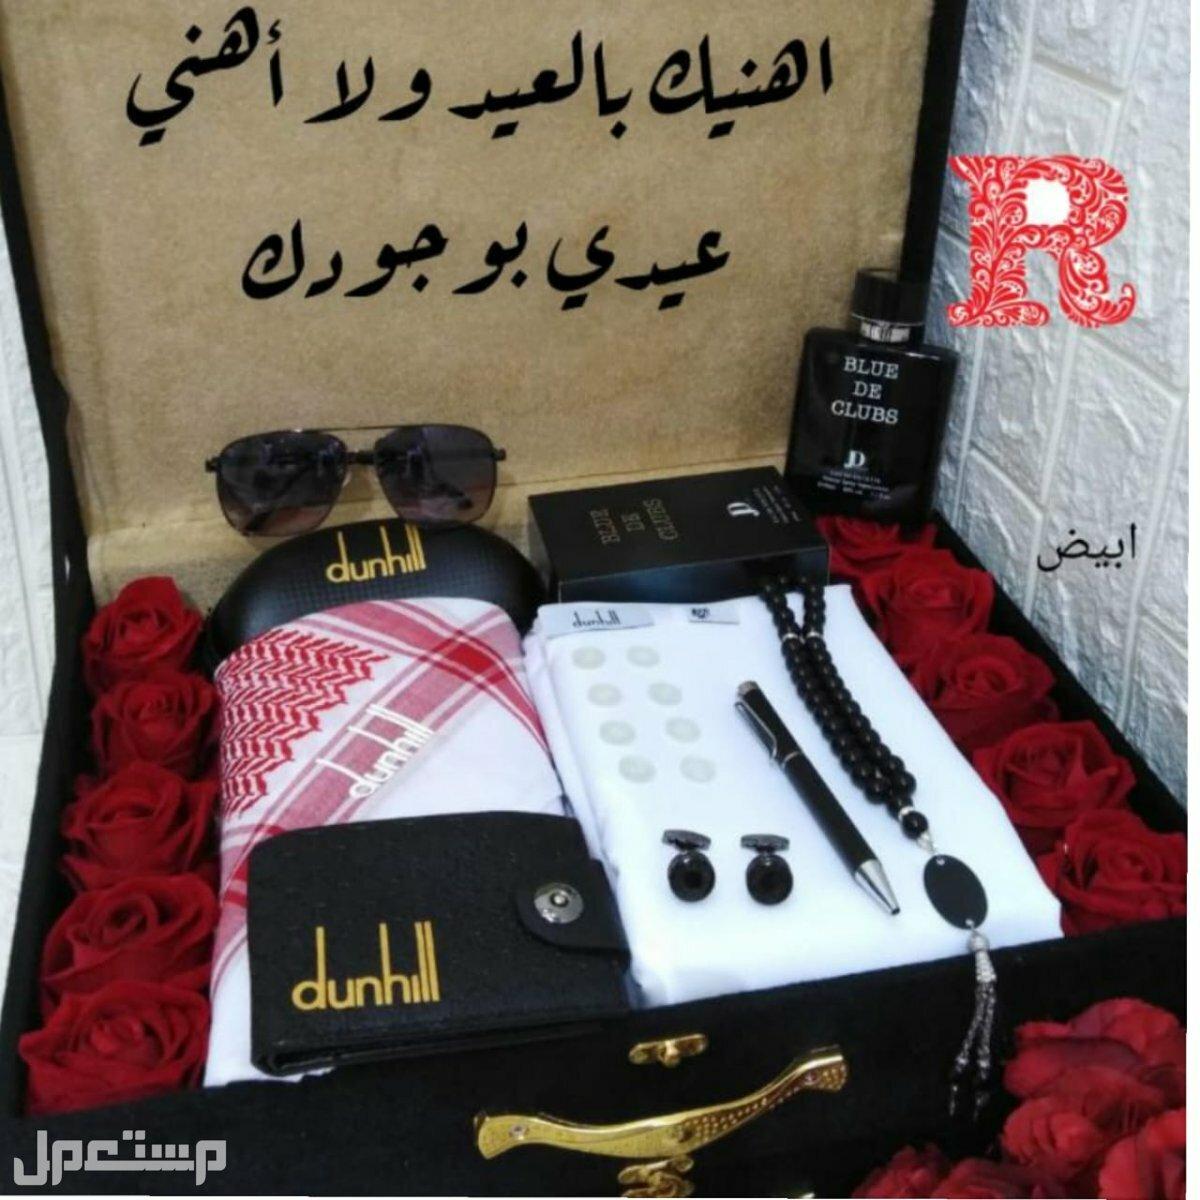 هدايا العيد # اهدي زوجك وكل غالي على قلبك هدية العيد